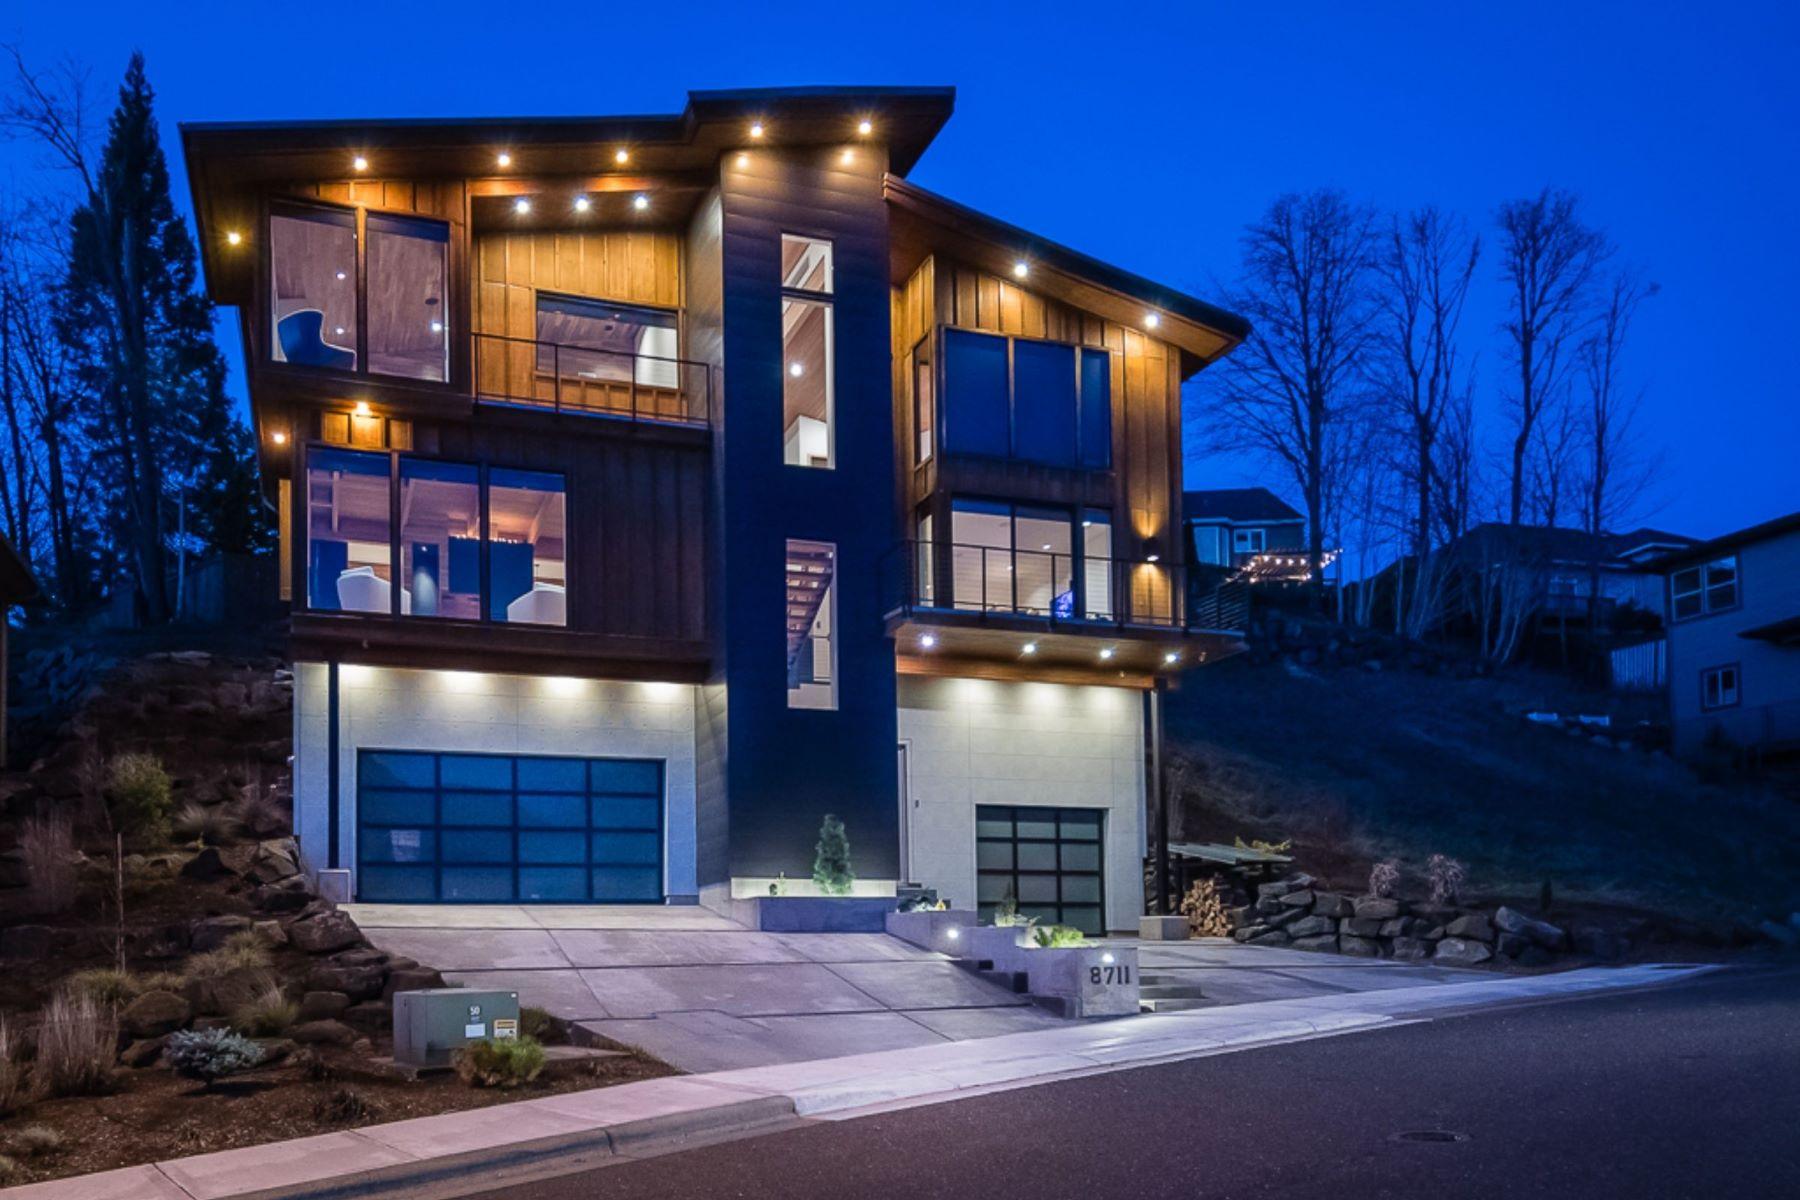 Other Residential Homes για την Πώληση στο 8711 NW SAVOY LN Portland, OR 97229 Portland, Ορεγκον 97229 Ηνωμένες Πολιτείες